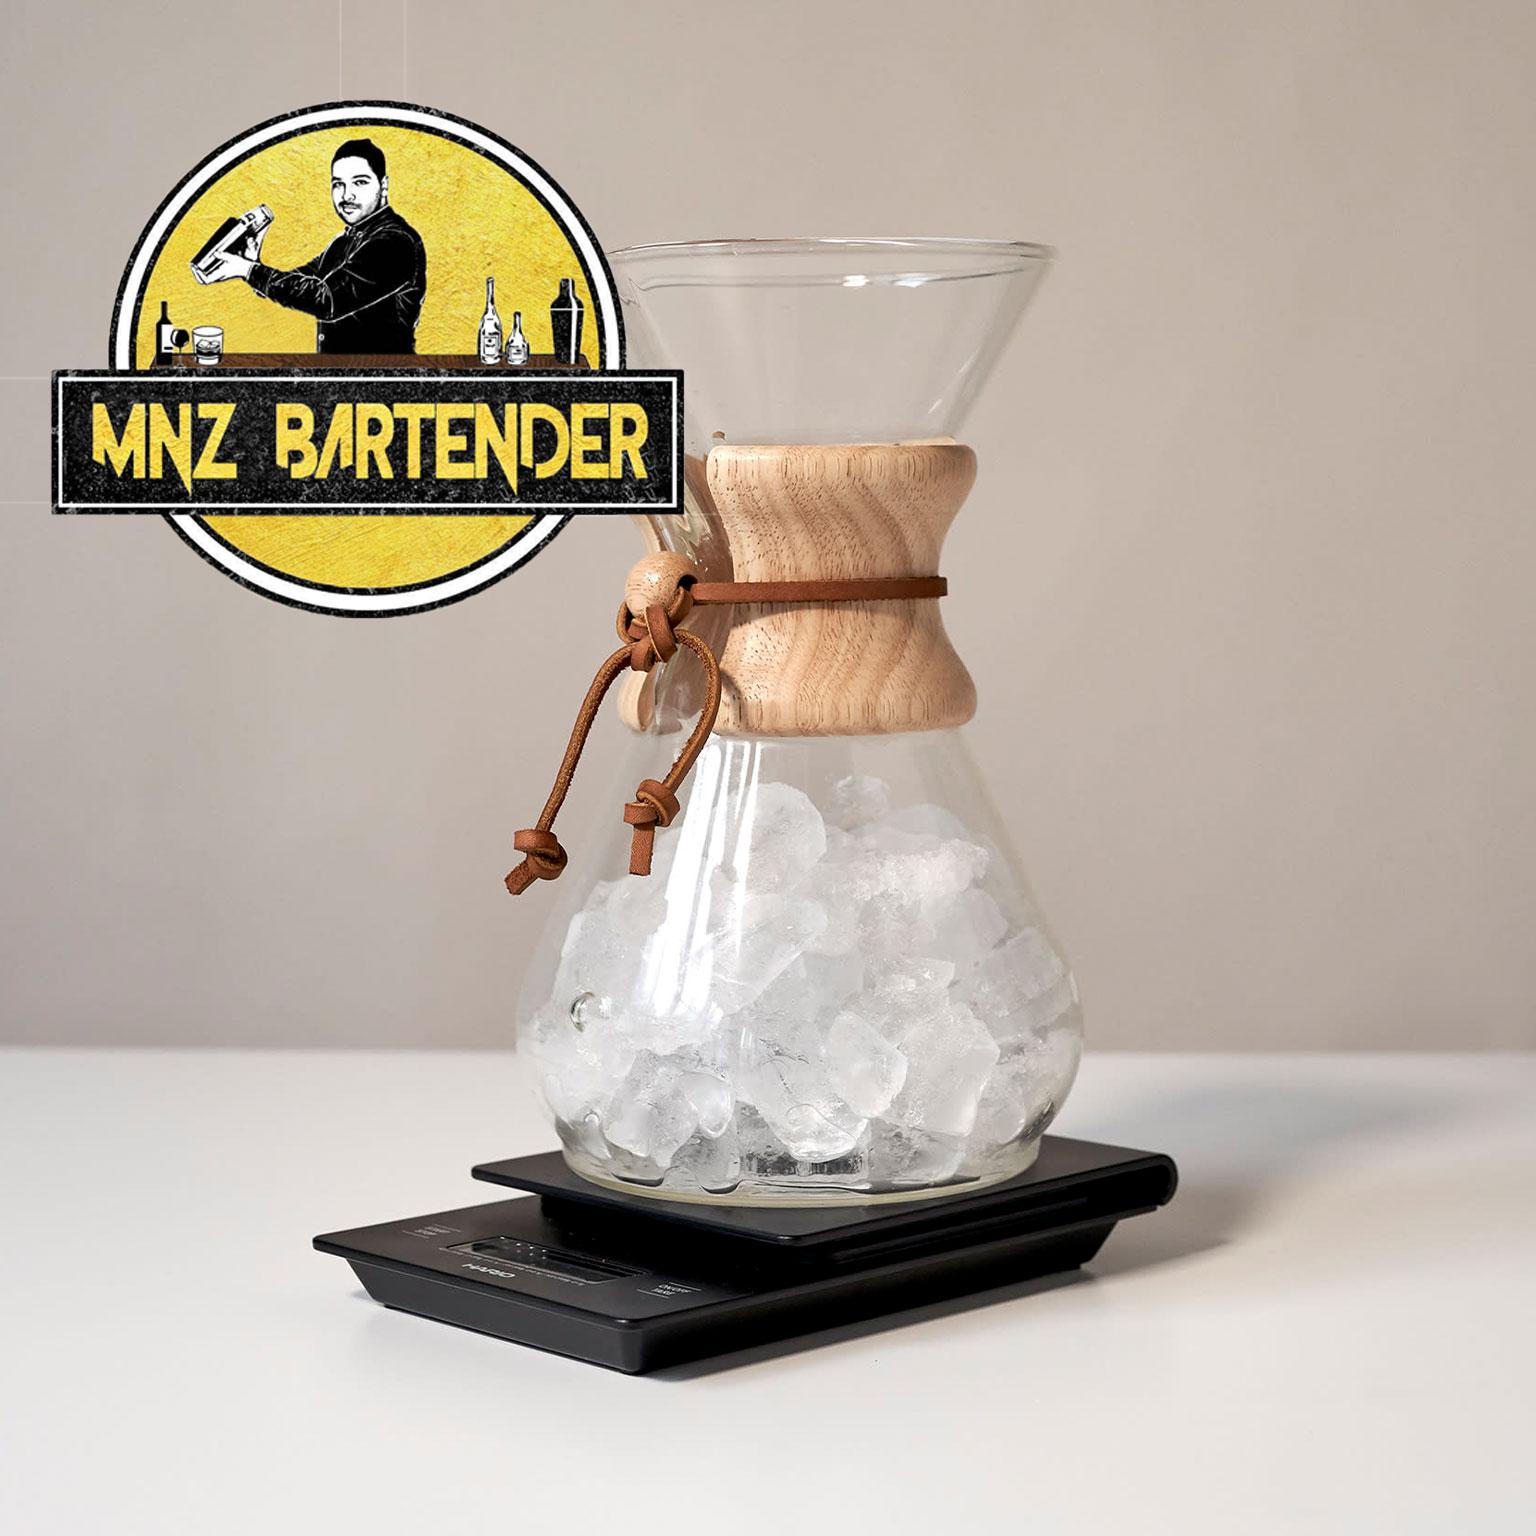 برای تهیه ی آیس کافی یخ را اندازه بگیرید